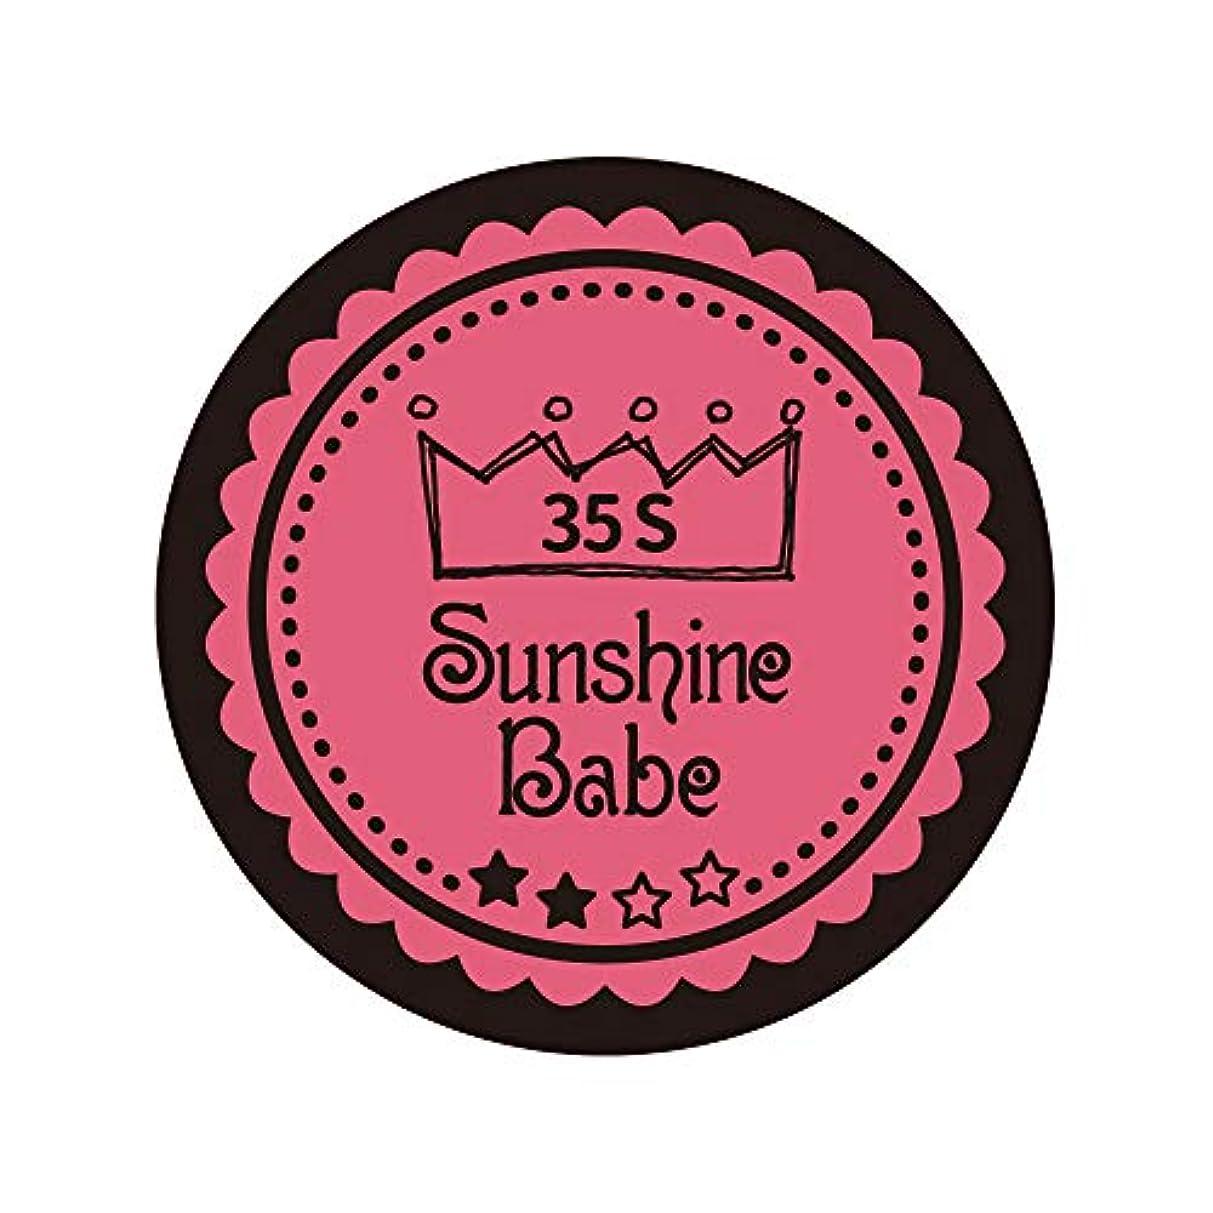 教育ディレクター貪欲Sunshine Babe カラージェル 35S ローズピンク 2.7g UV/LED対応